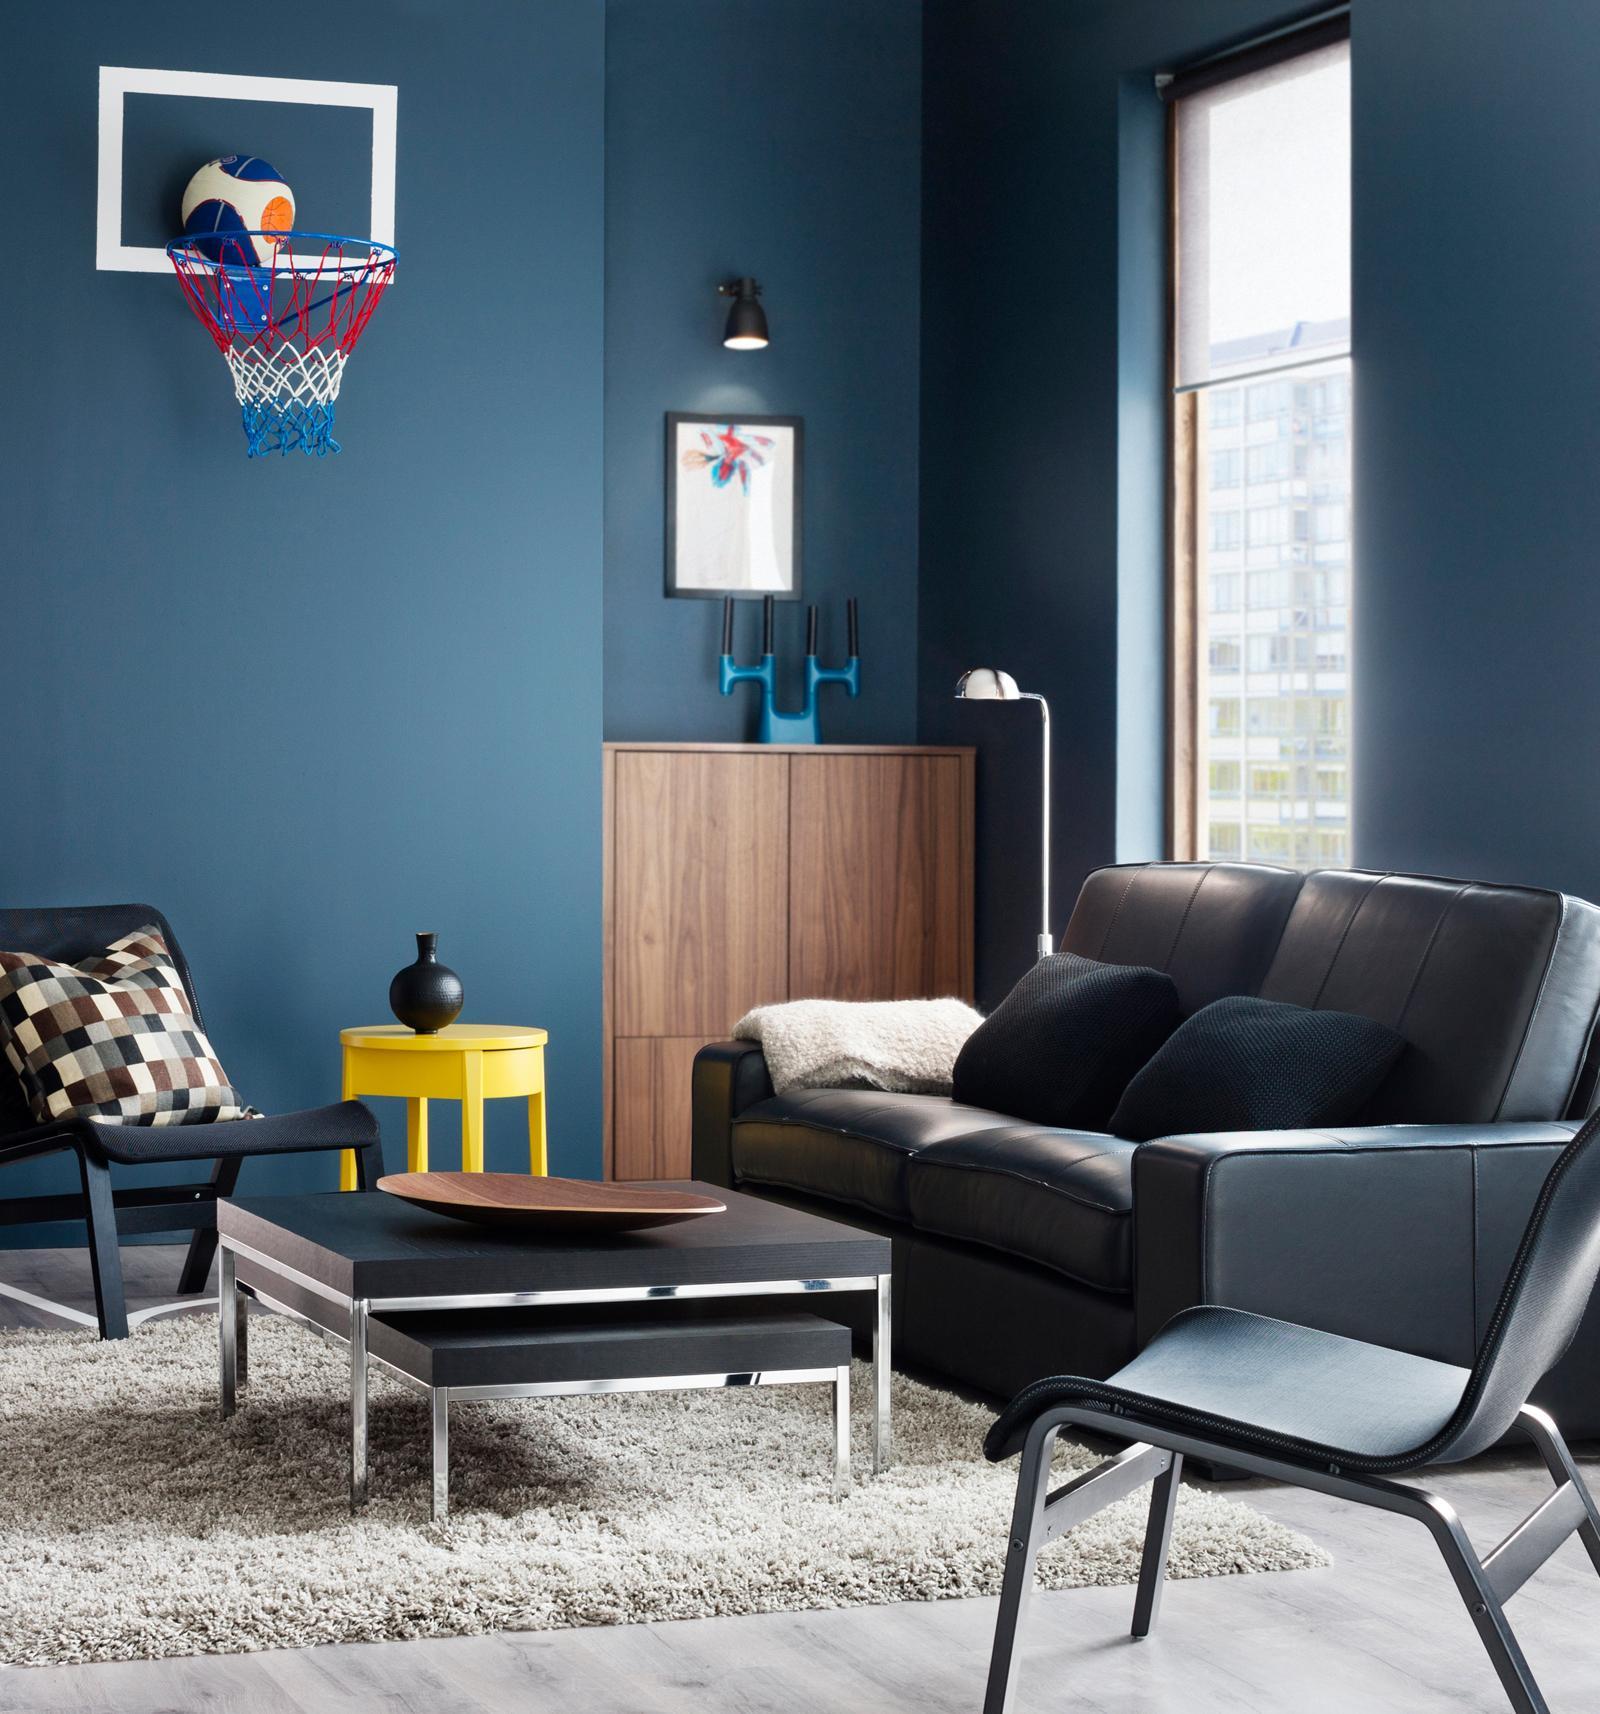 blaugraue wandfarbe bilder ideen couchstyle